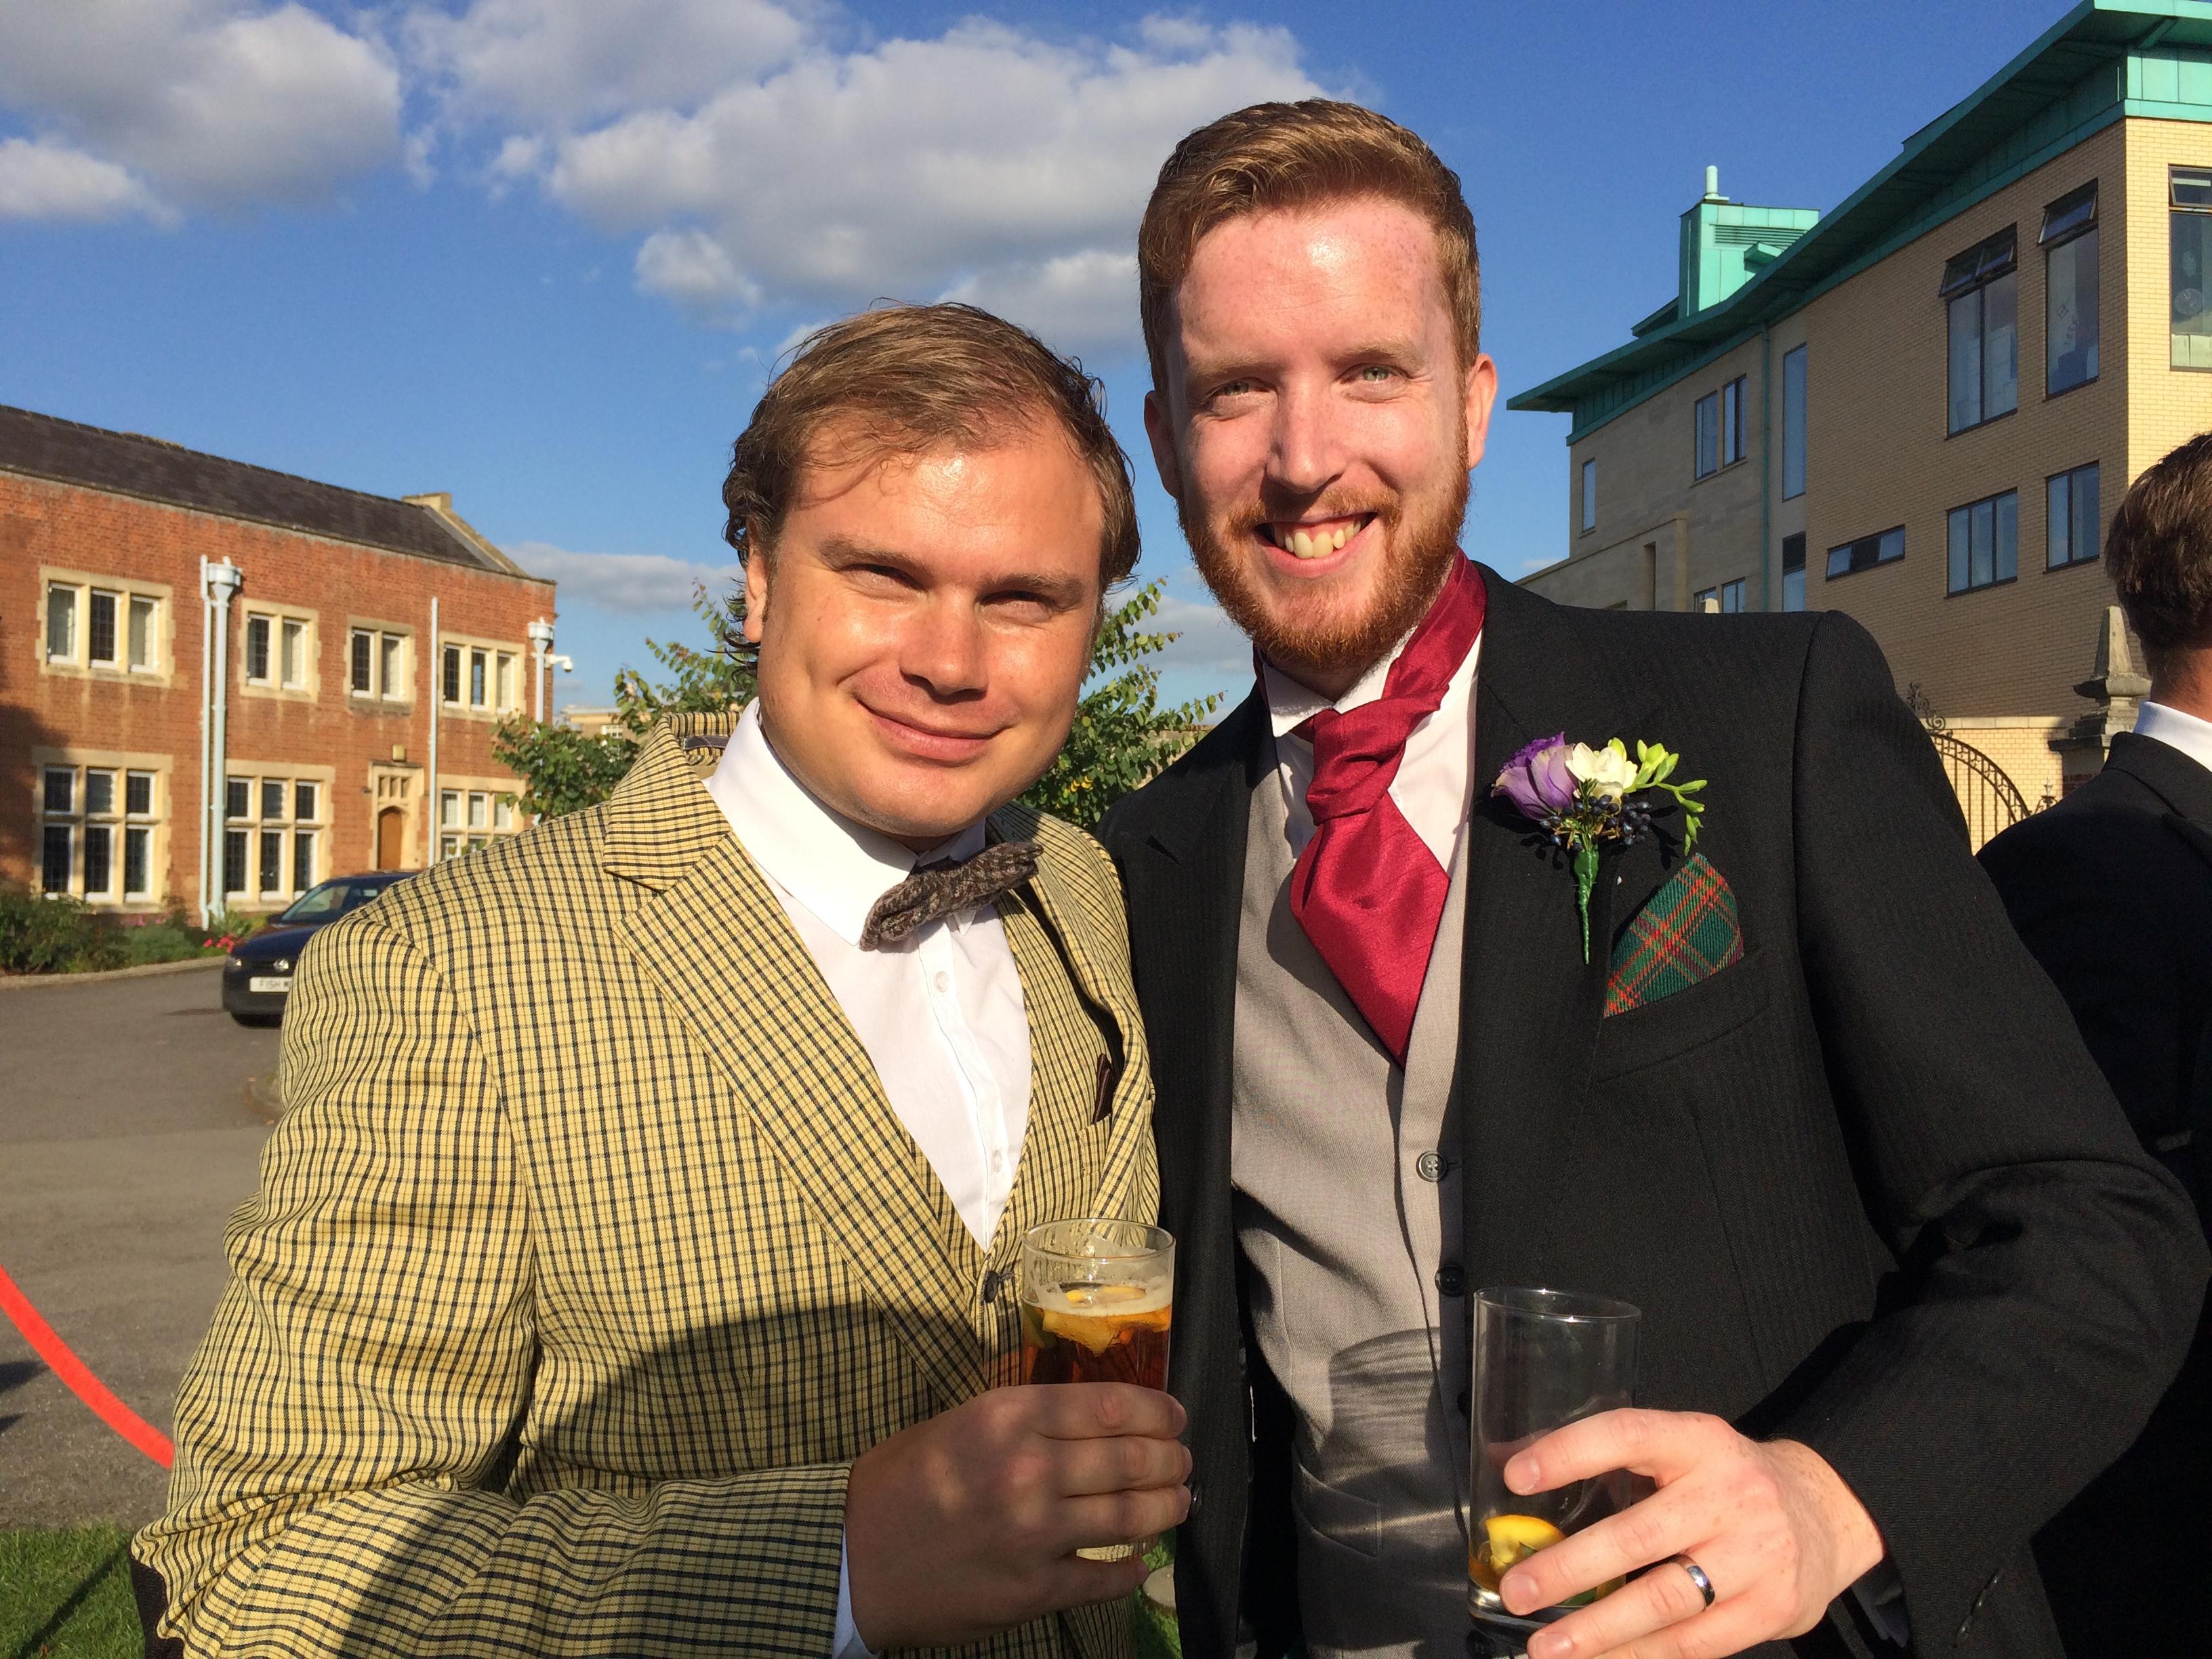 Med brudgummen Tom - och det brittiska måstet Pimms.